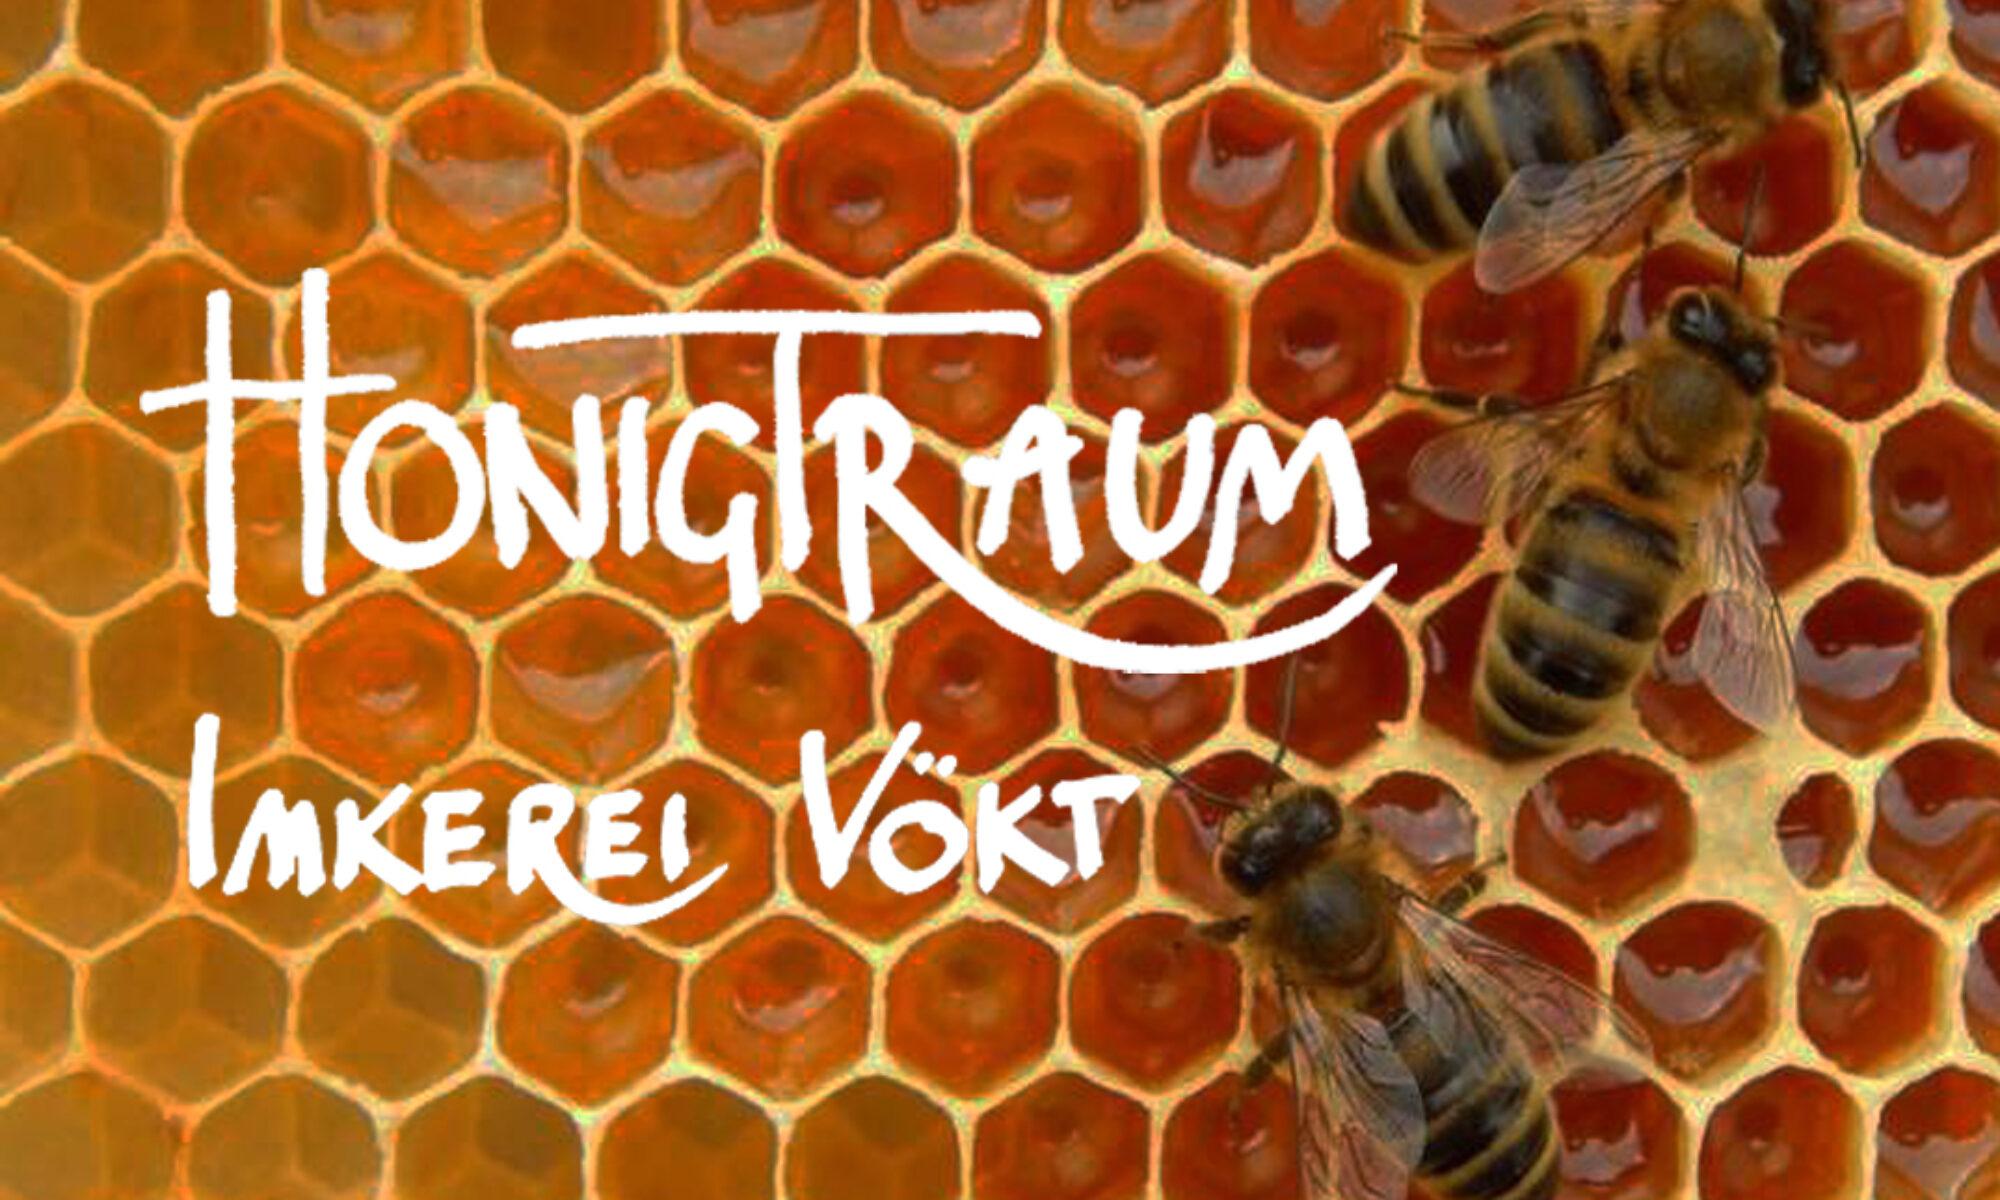 Honig(T)raum